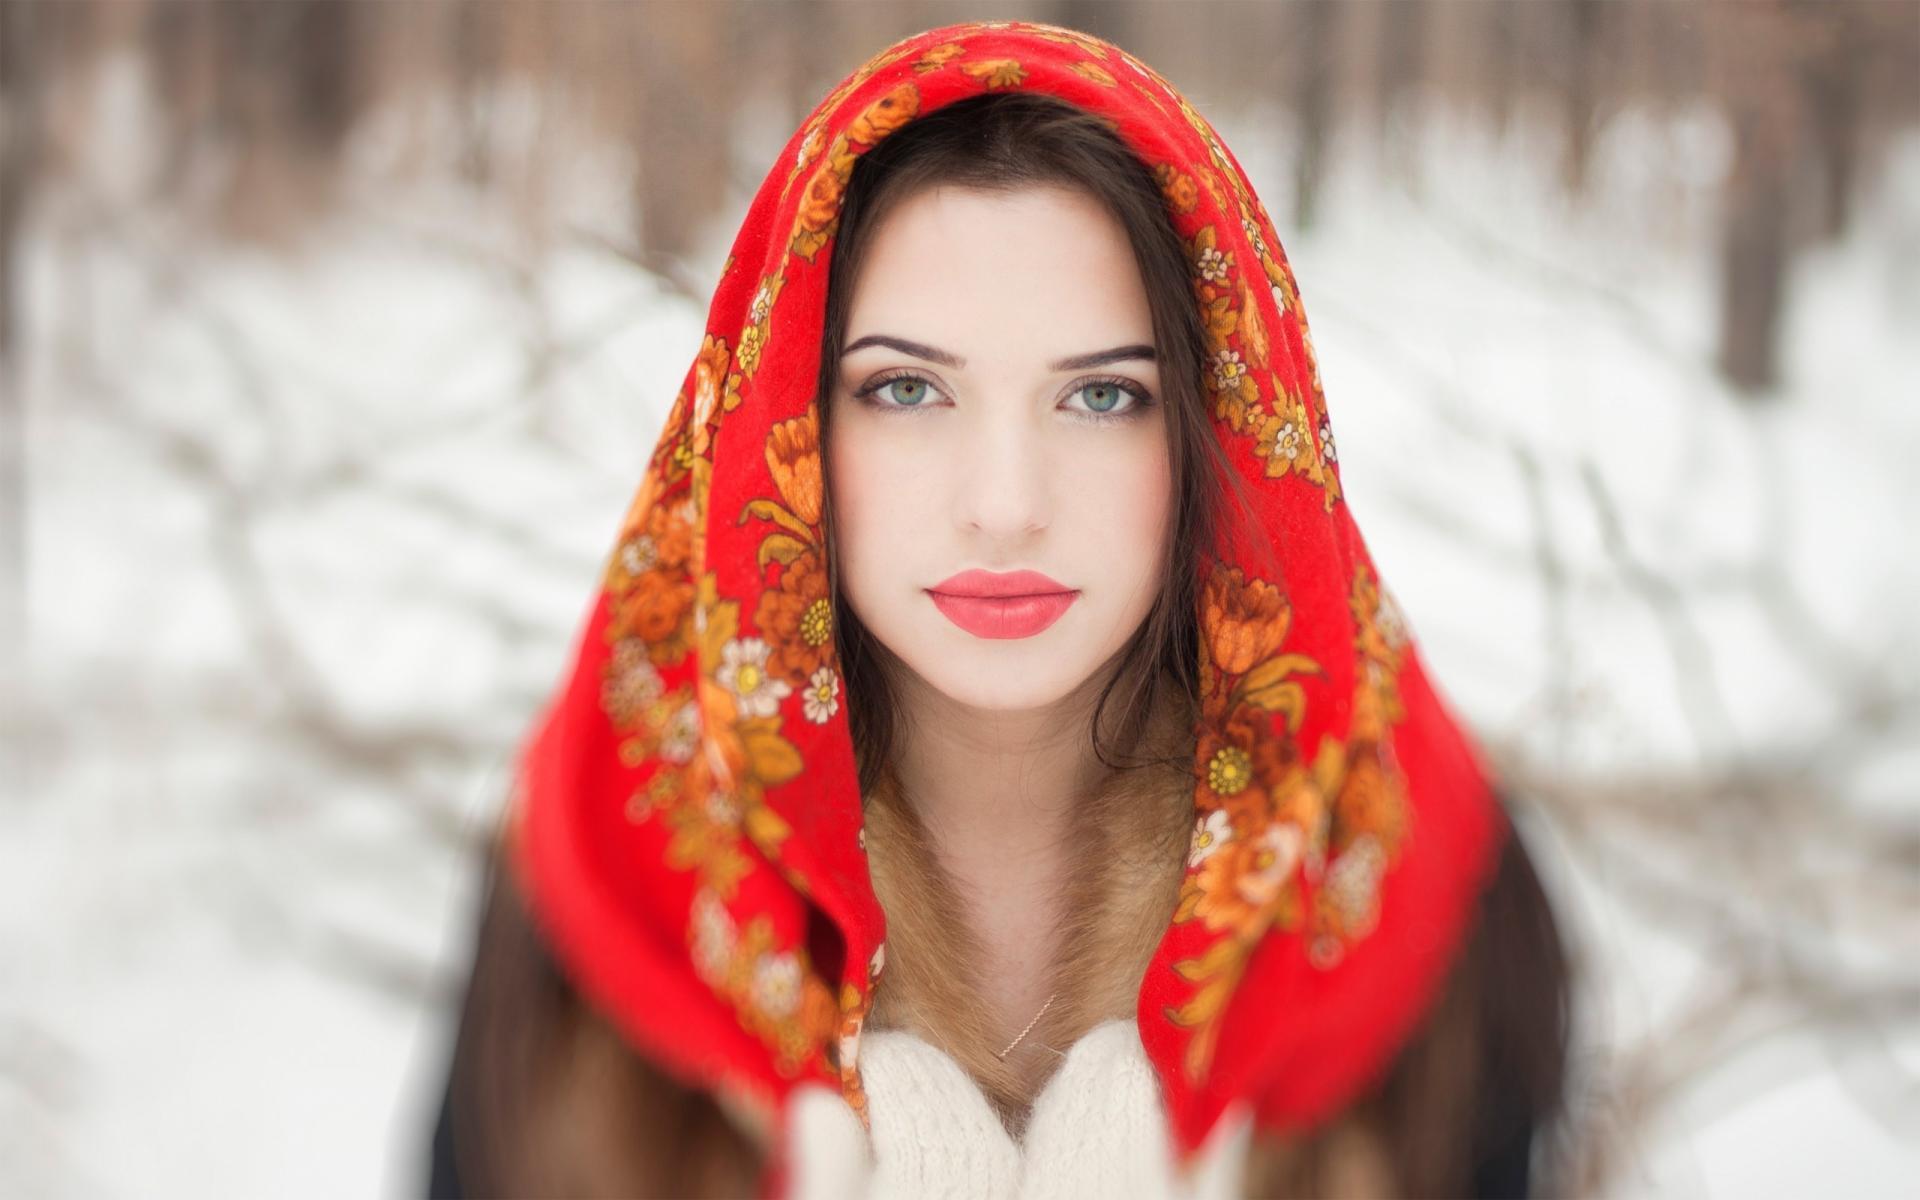 والپیپر دختر با چشم سبز و روسری قرمز